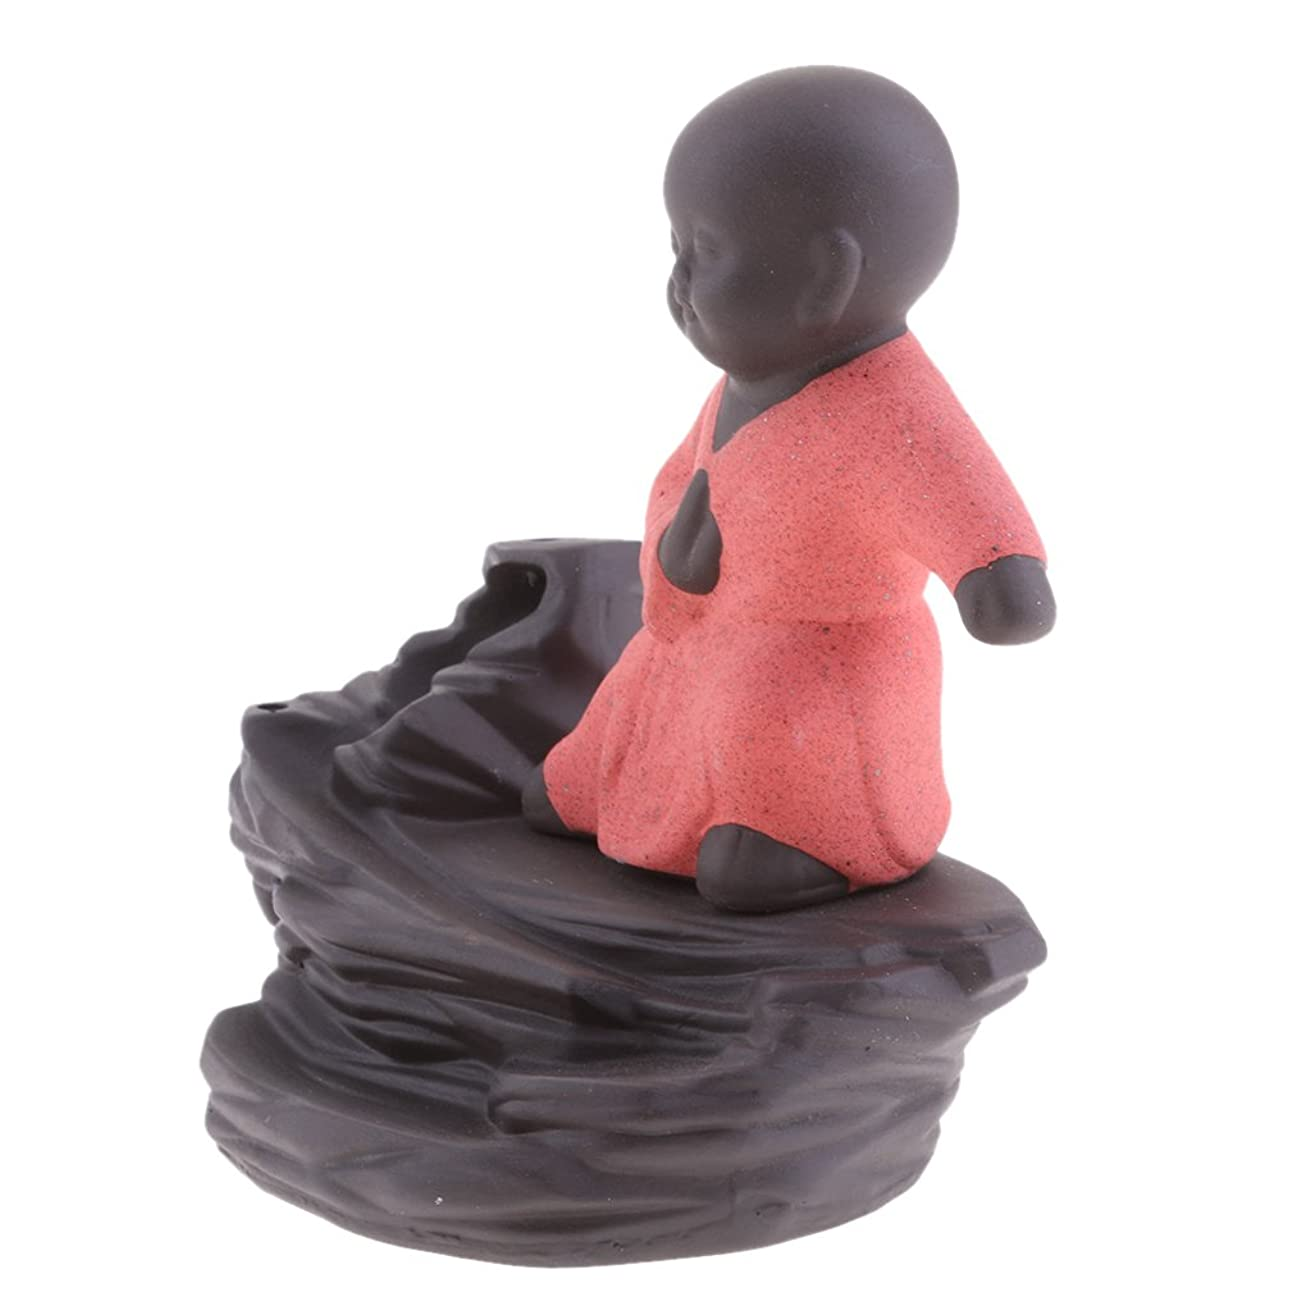 ライセンス参照するアクロバットJiliオンラインクリエイティブホームDecor The Little Monk / Tathagata / Buddha Statue逆流香炉香炉 96b804dd59b6789b9ce09875d285d232